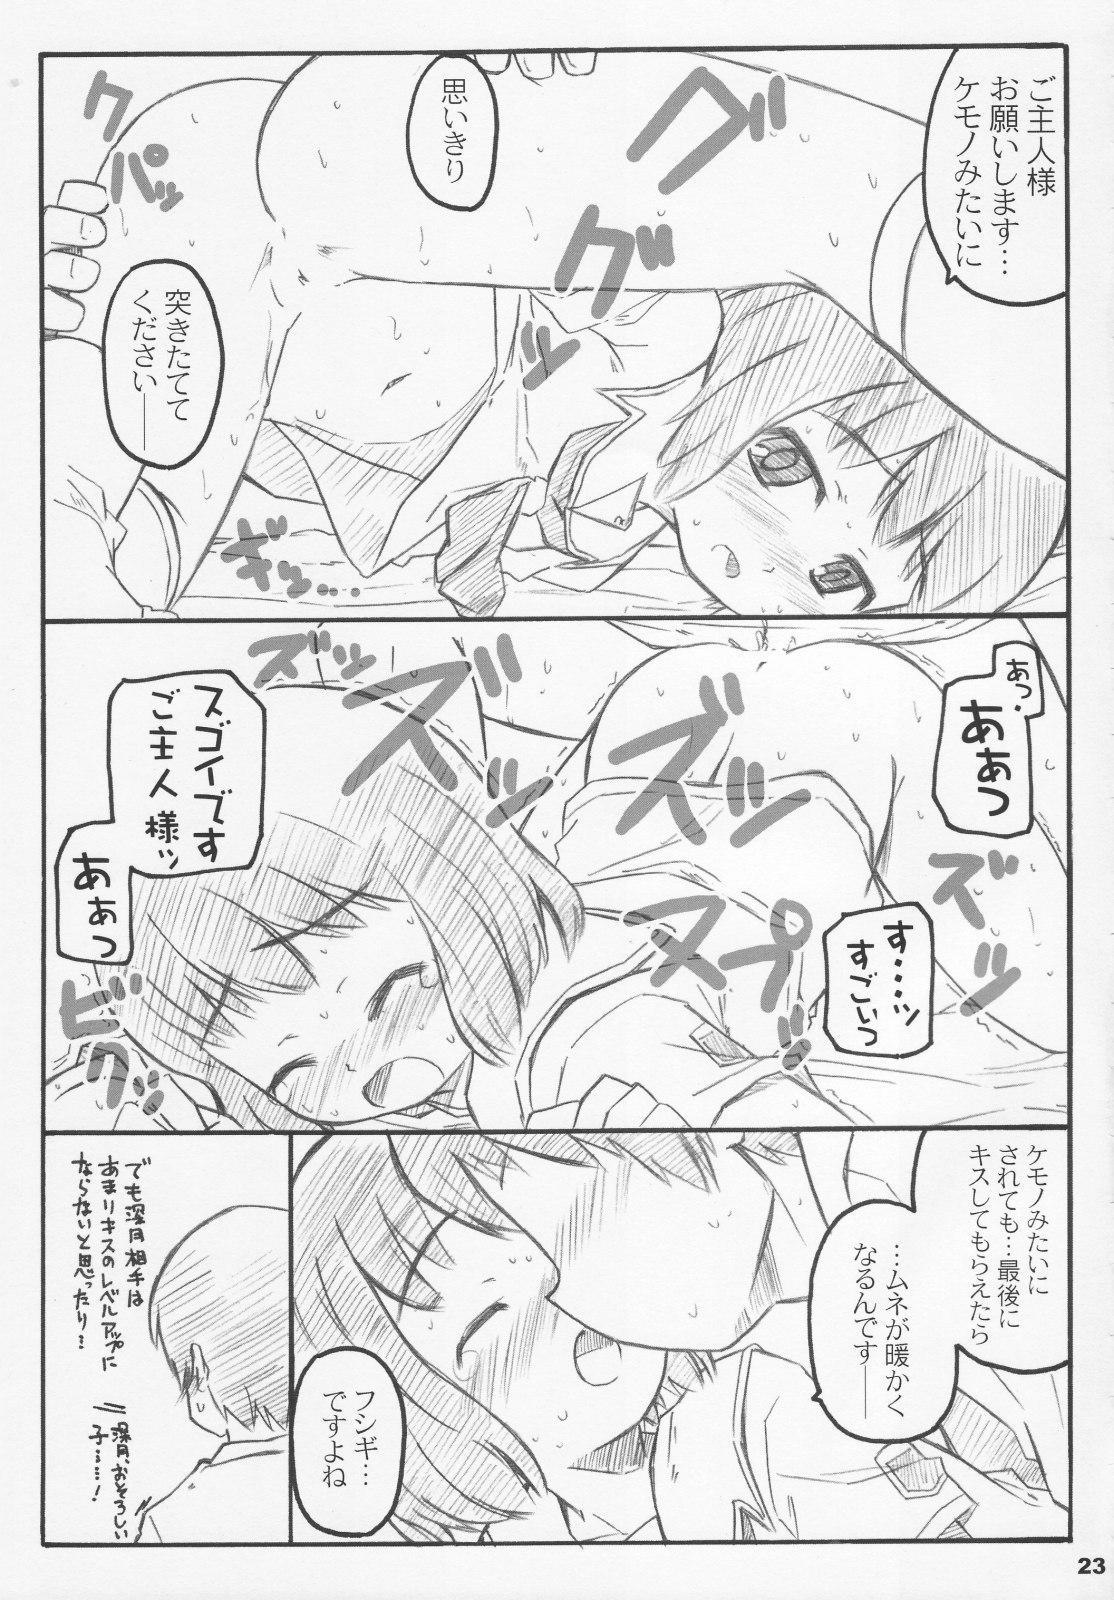 Kimichu! 21